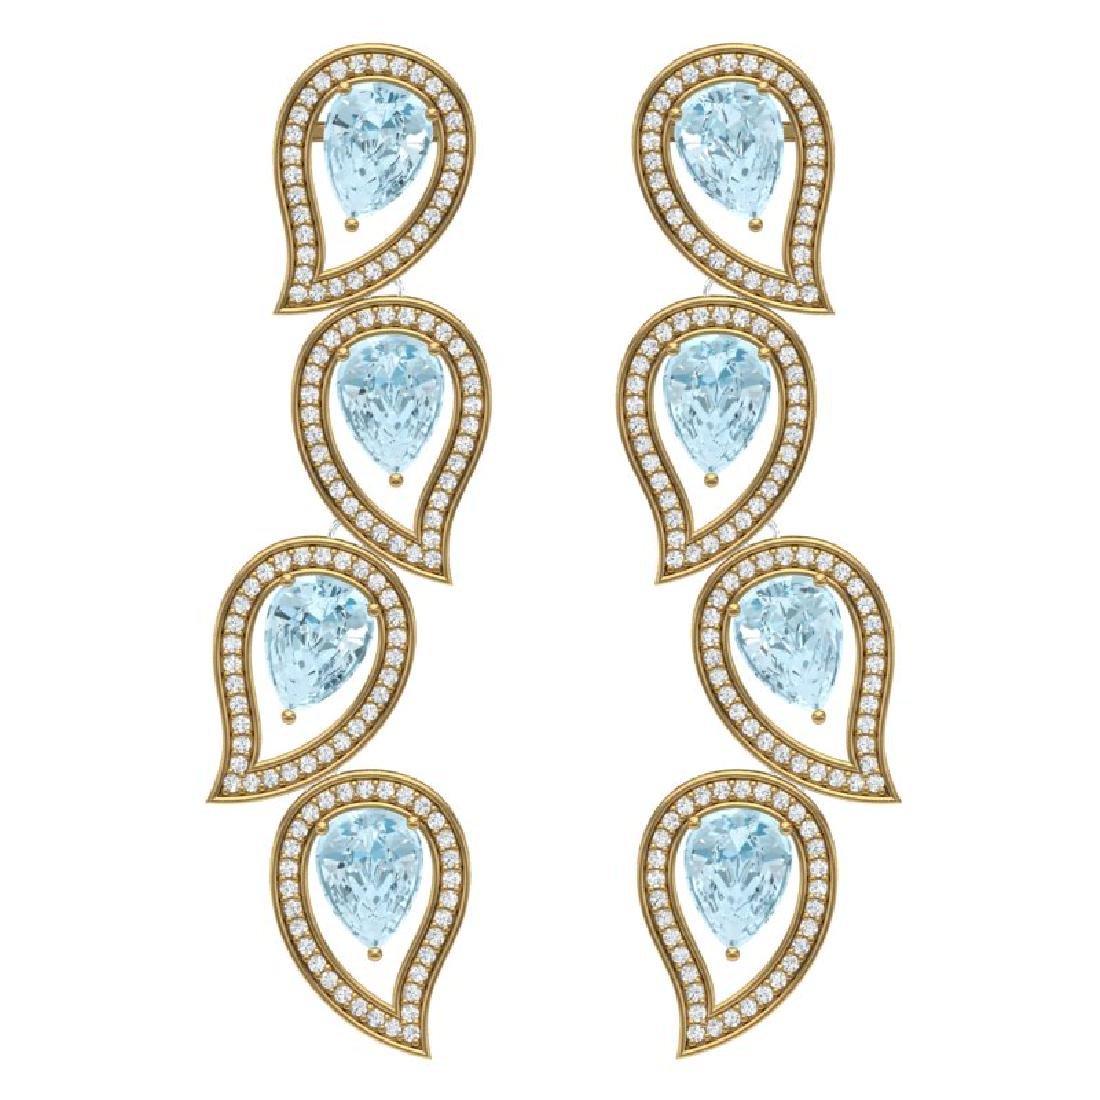 15.69 CTW Royalty Sky Topaz & VS Diamond Earrings 18K